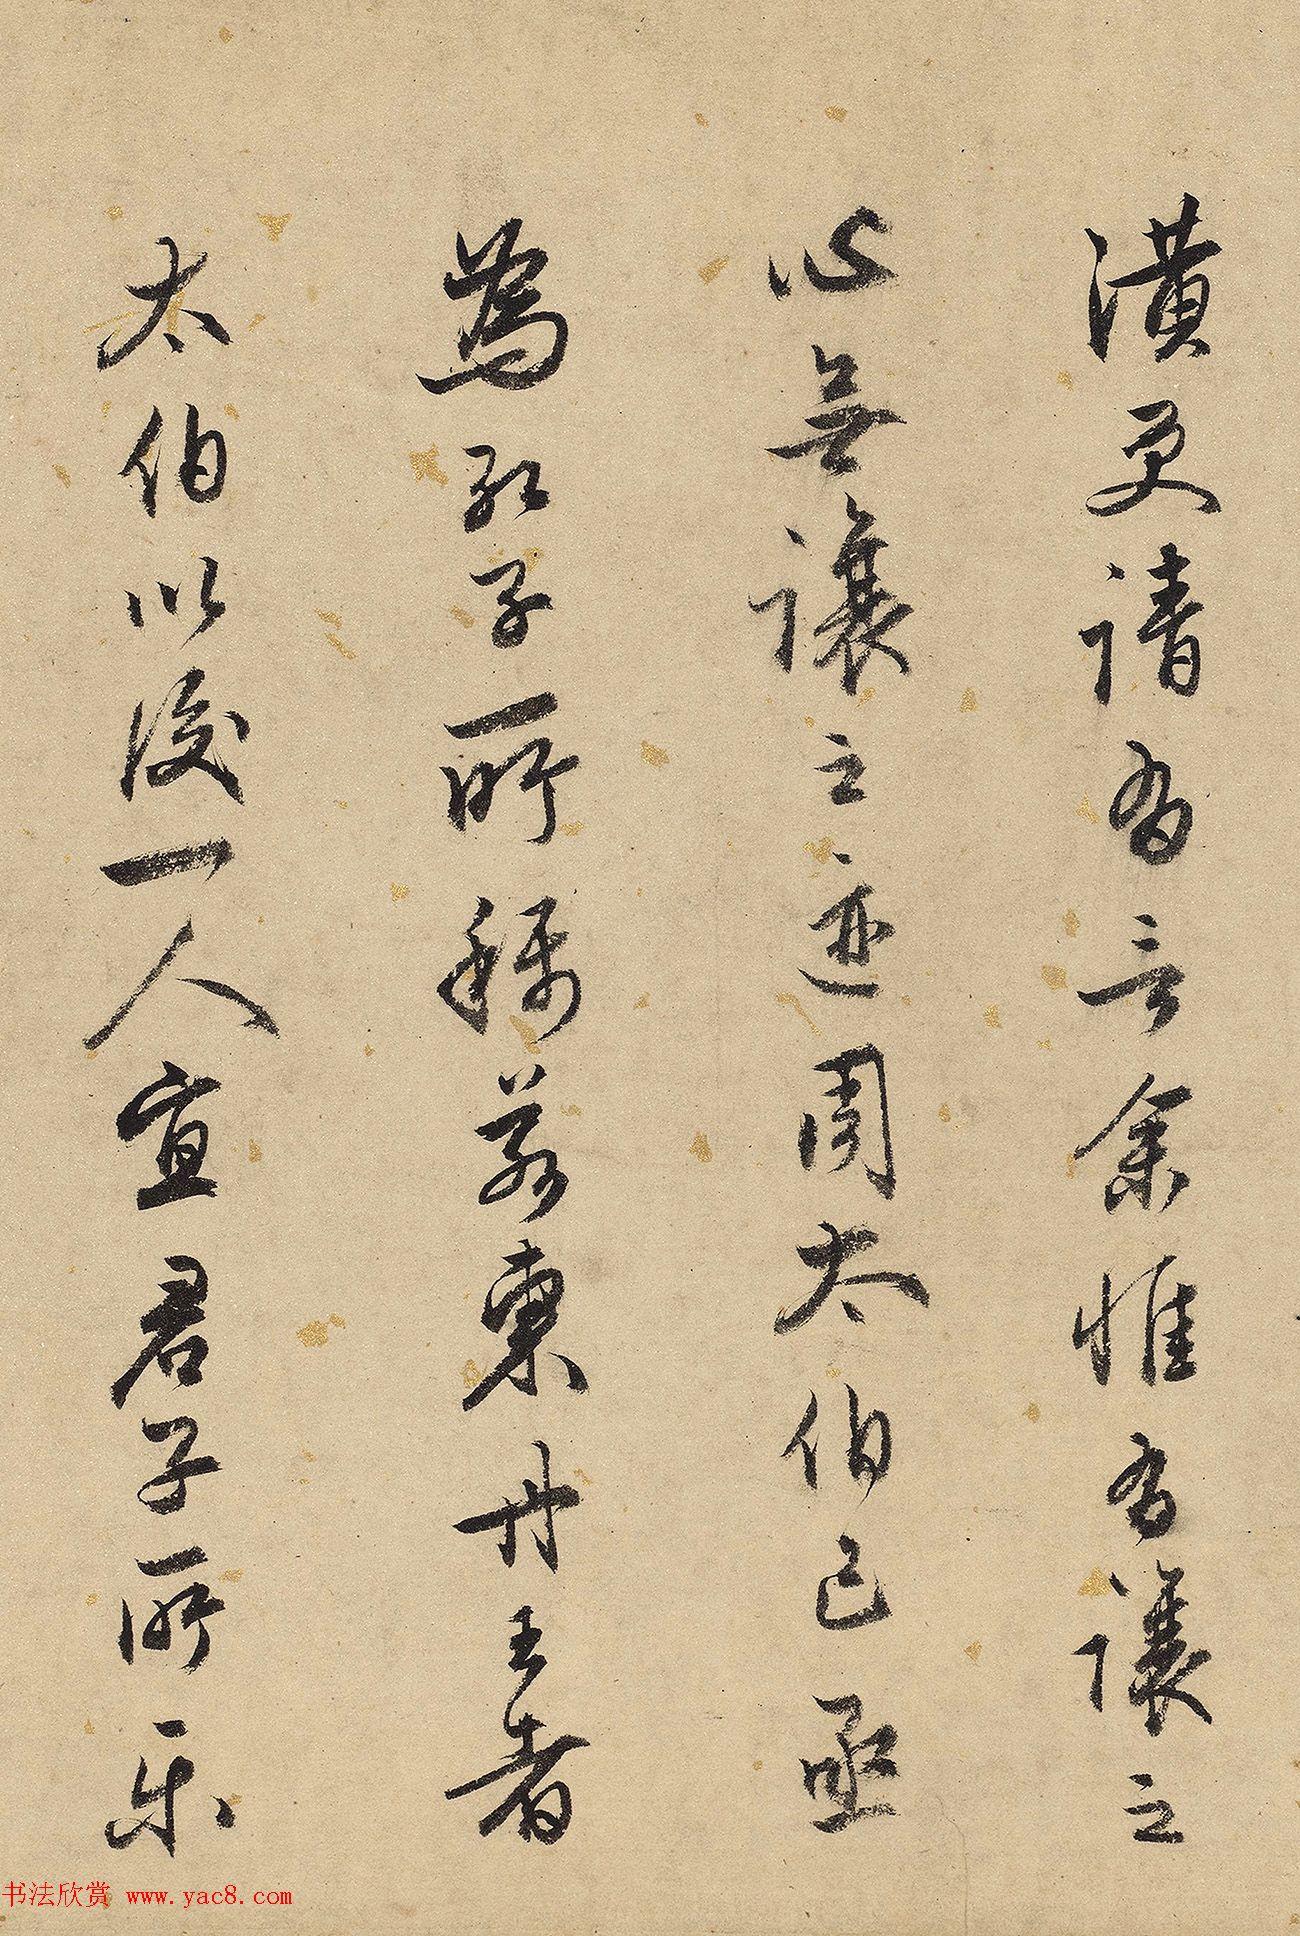 谷原山人行书《题东丹王出行图》